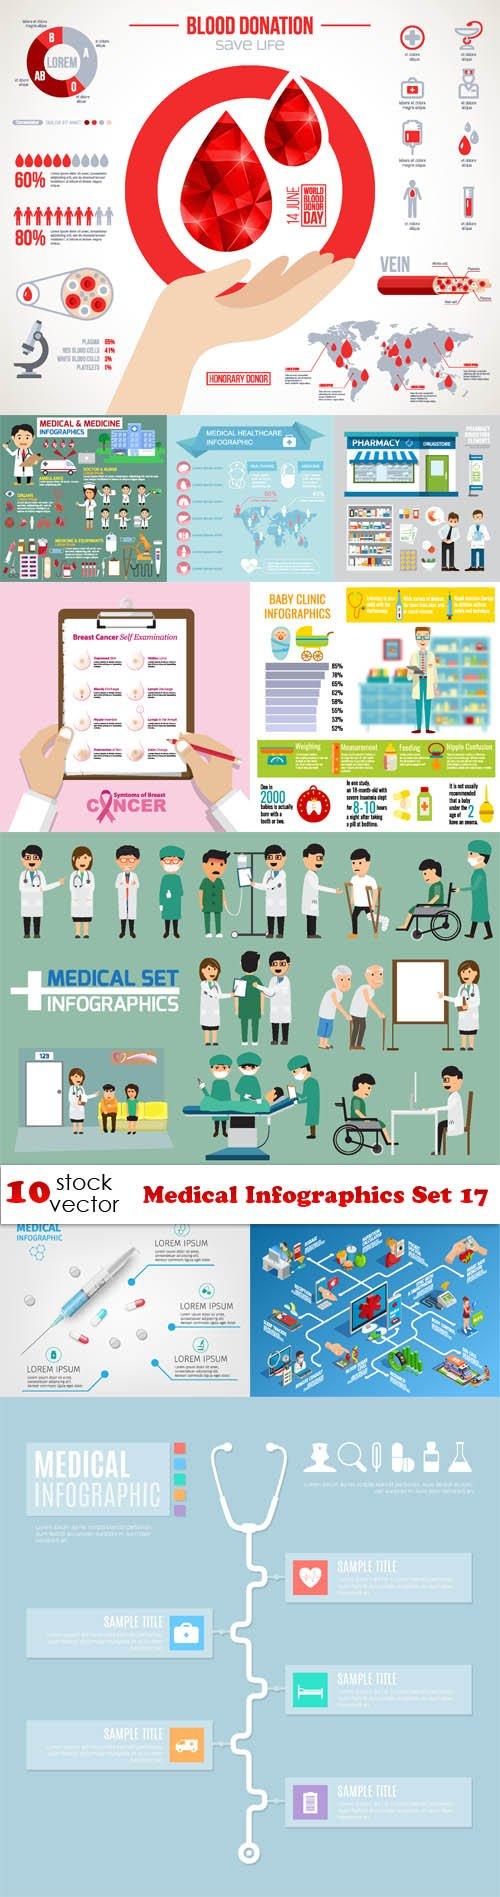 Vectors - Medical Infographics Set 17